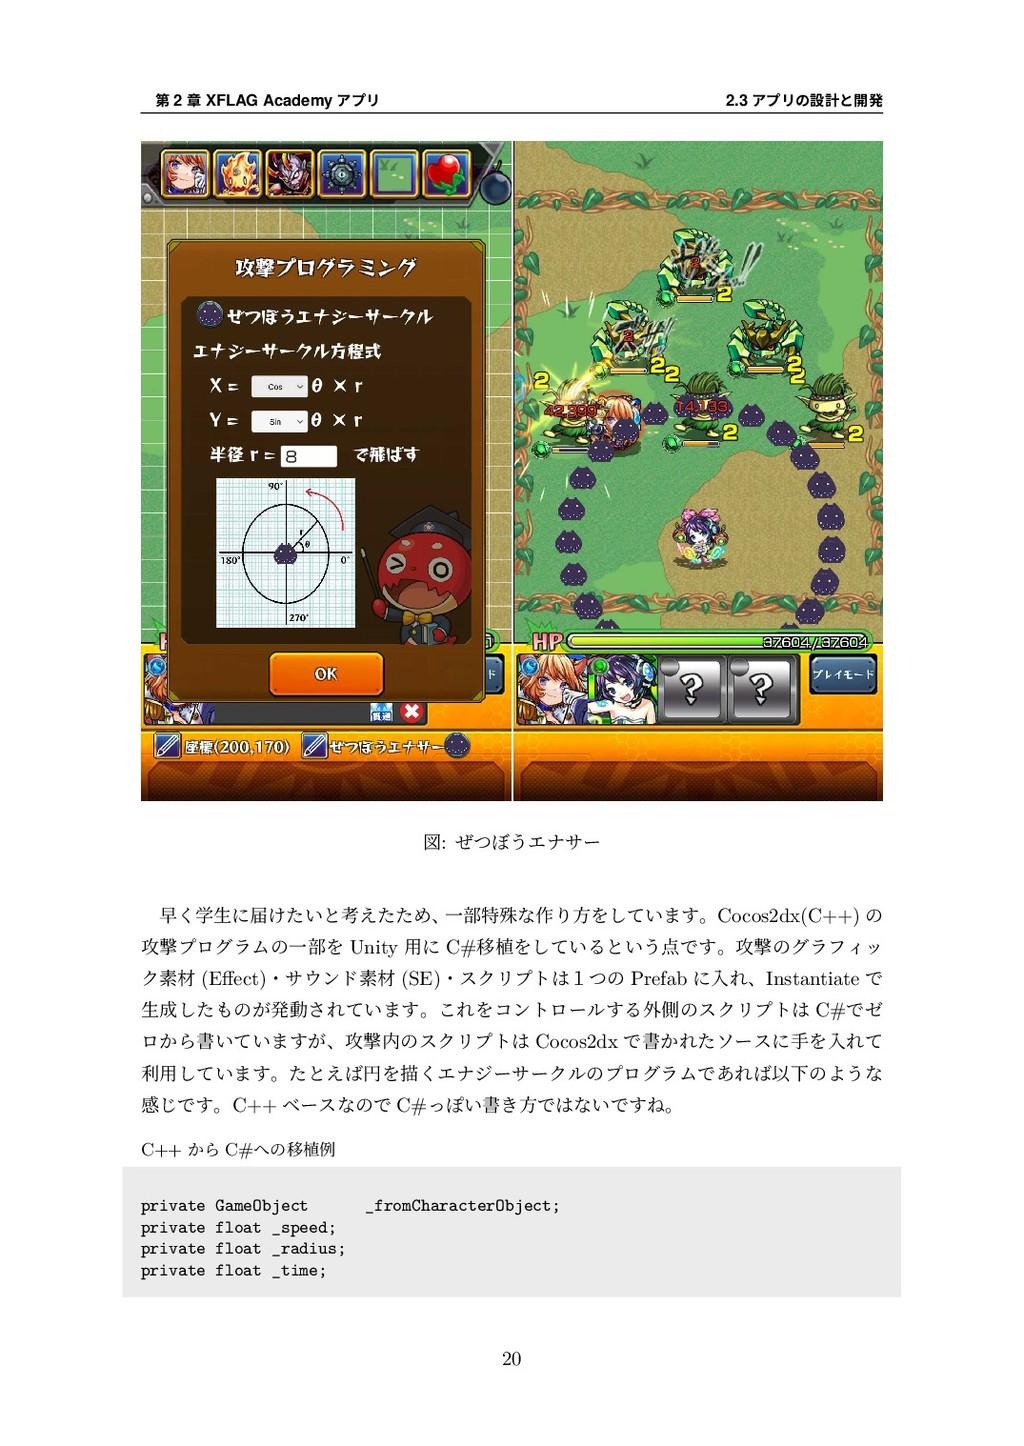 第 2 章 XFLAG Academy アプリ 2.3 アプリの設計と開発 図: ぜつぼうエナ...